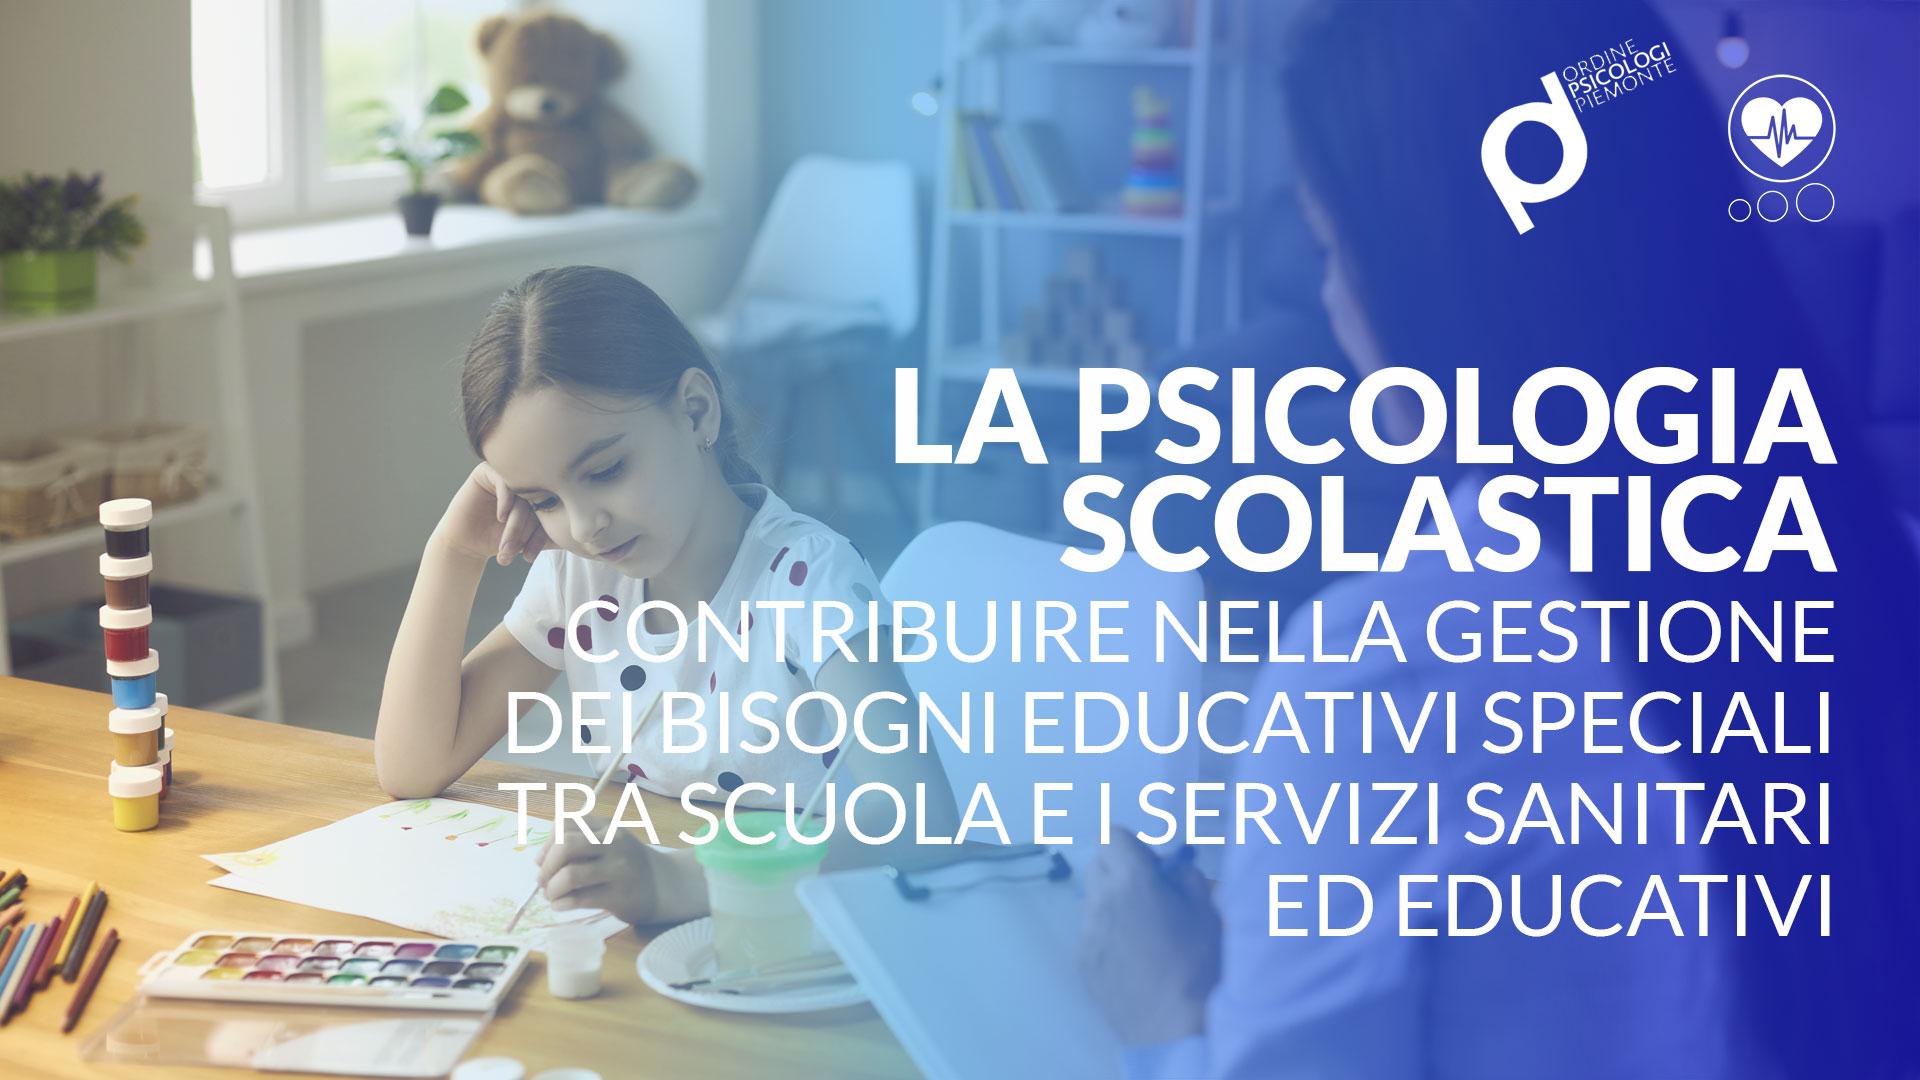 La Psicologia scolastica: contribuire nella gestione dei Biosgni Educativi Speciali tra Scuola e i Servizi Sanitari ed Educativi